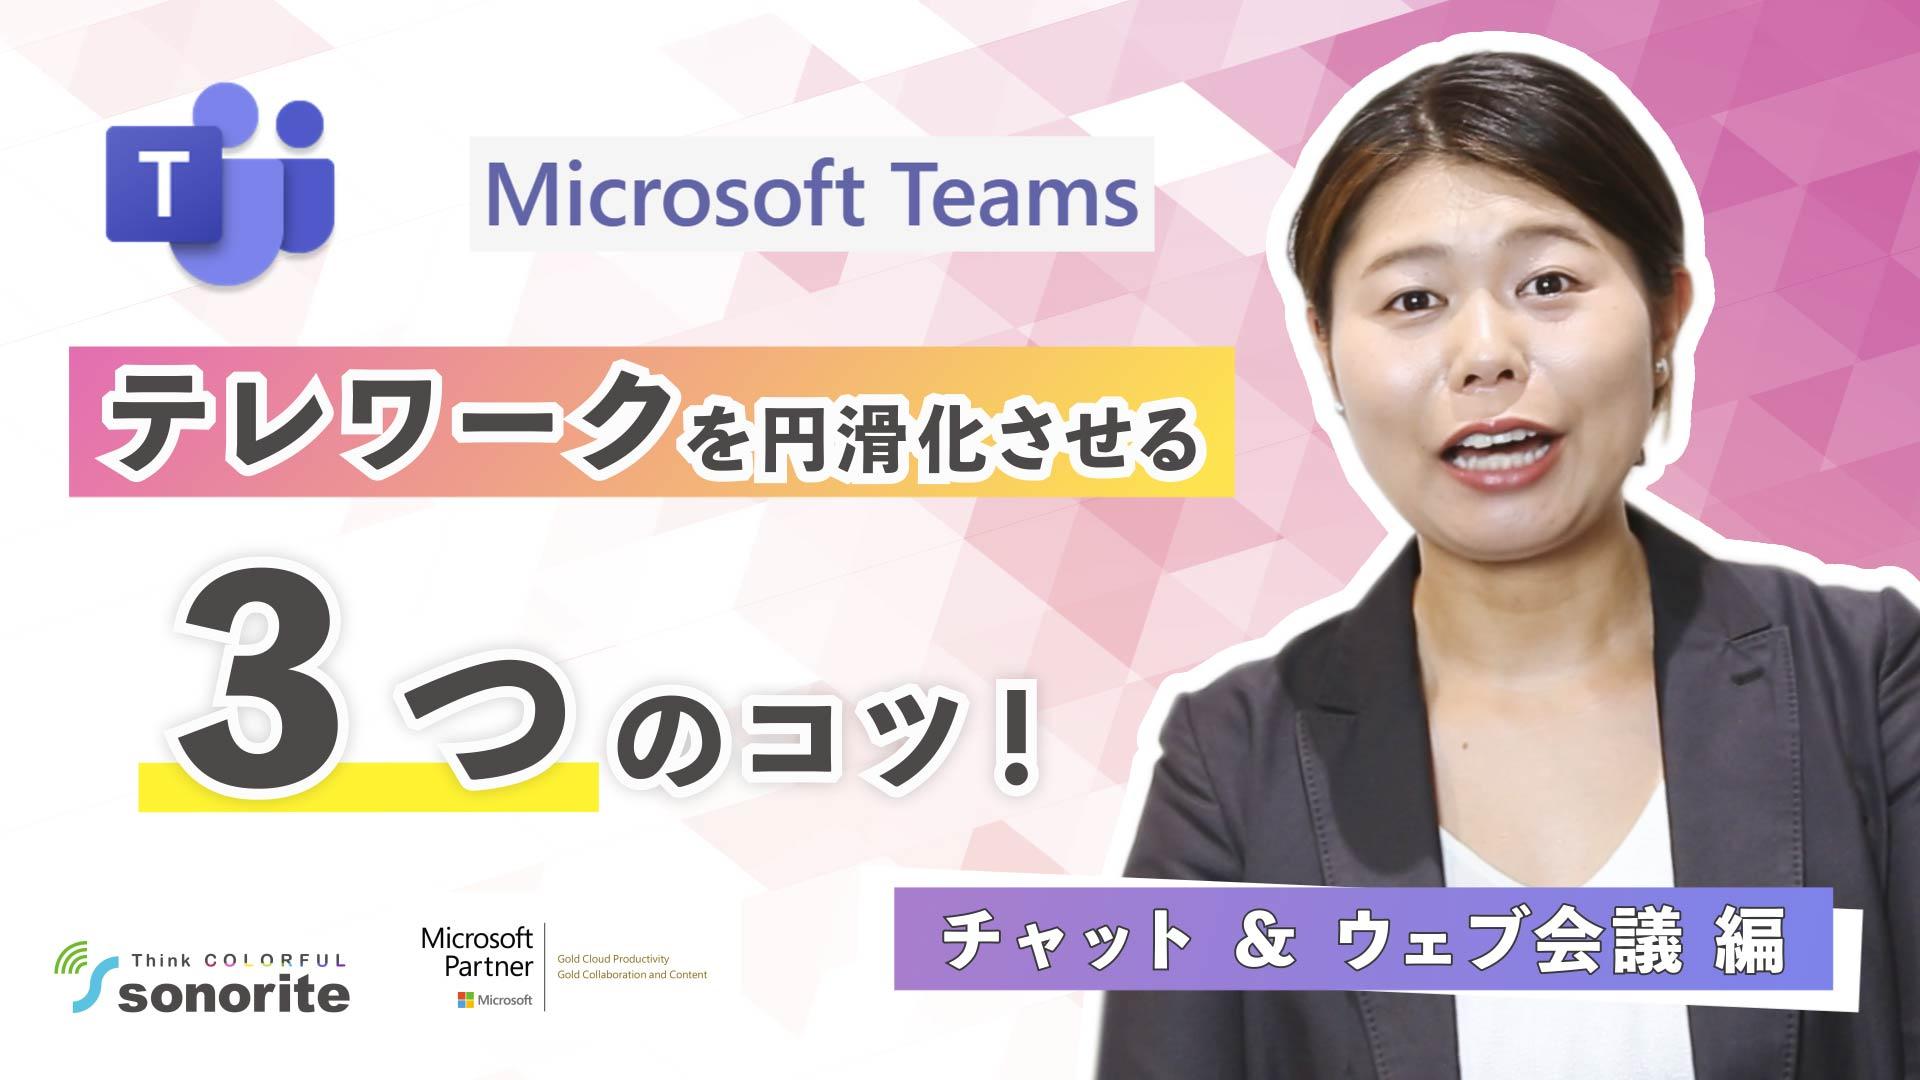 【動画】チャット&ウェブ会議 3つのコツ!【Teams】